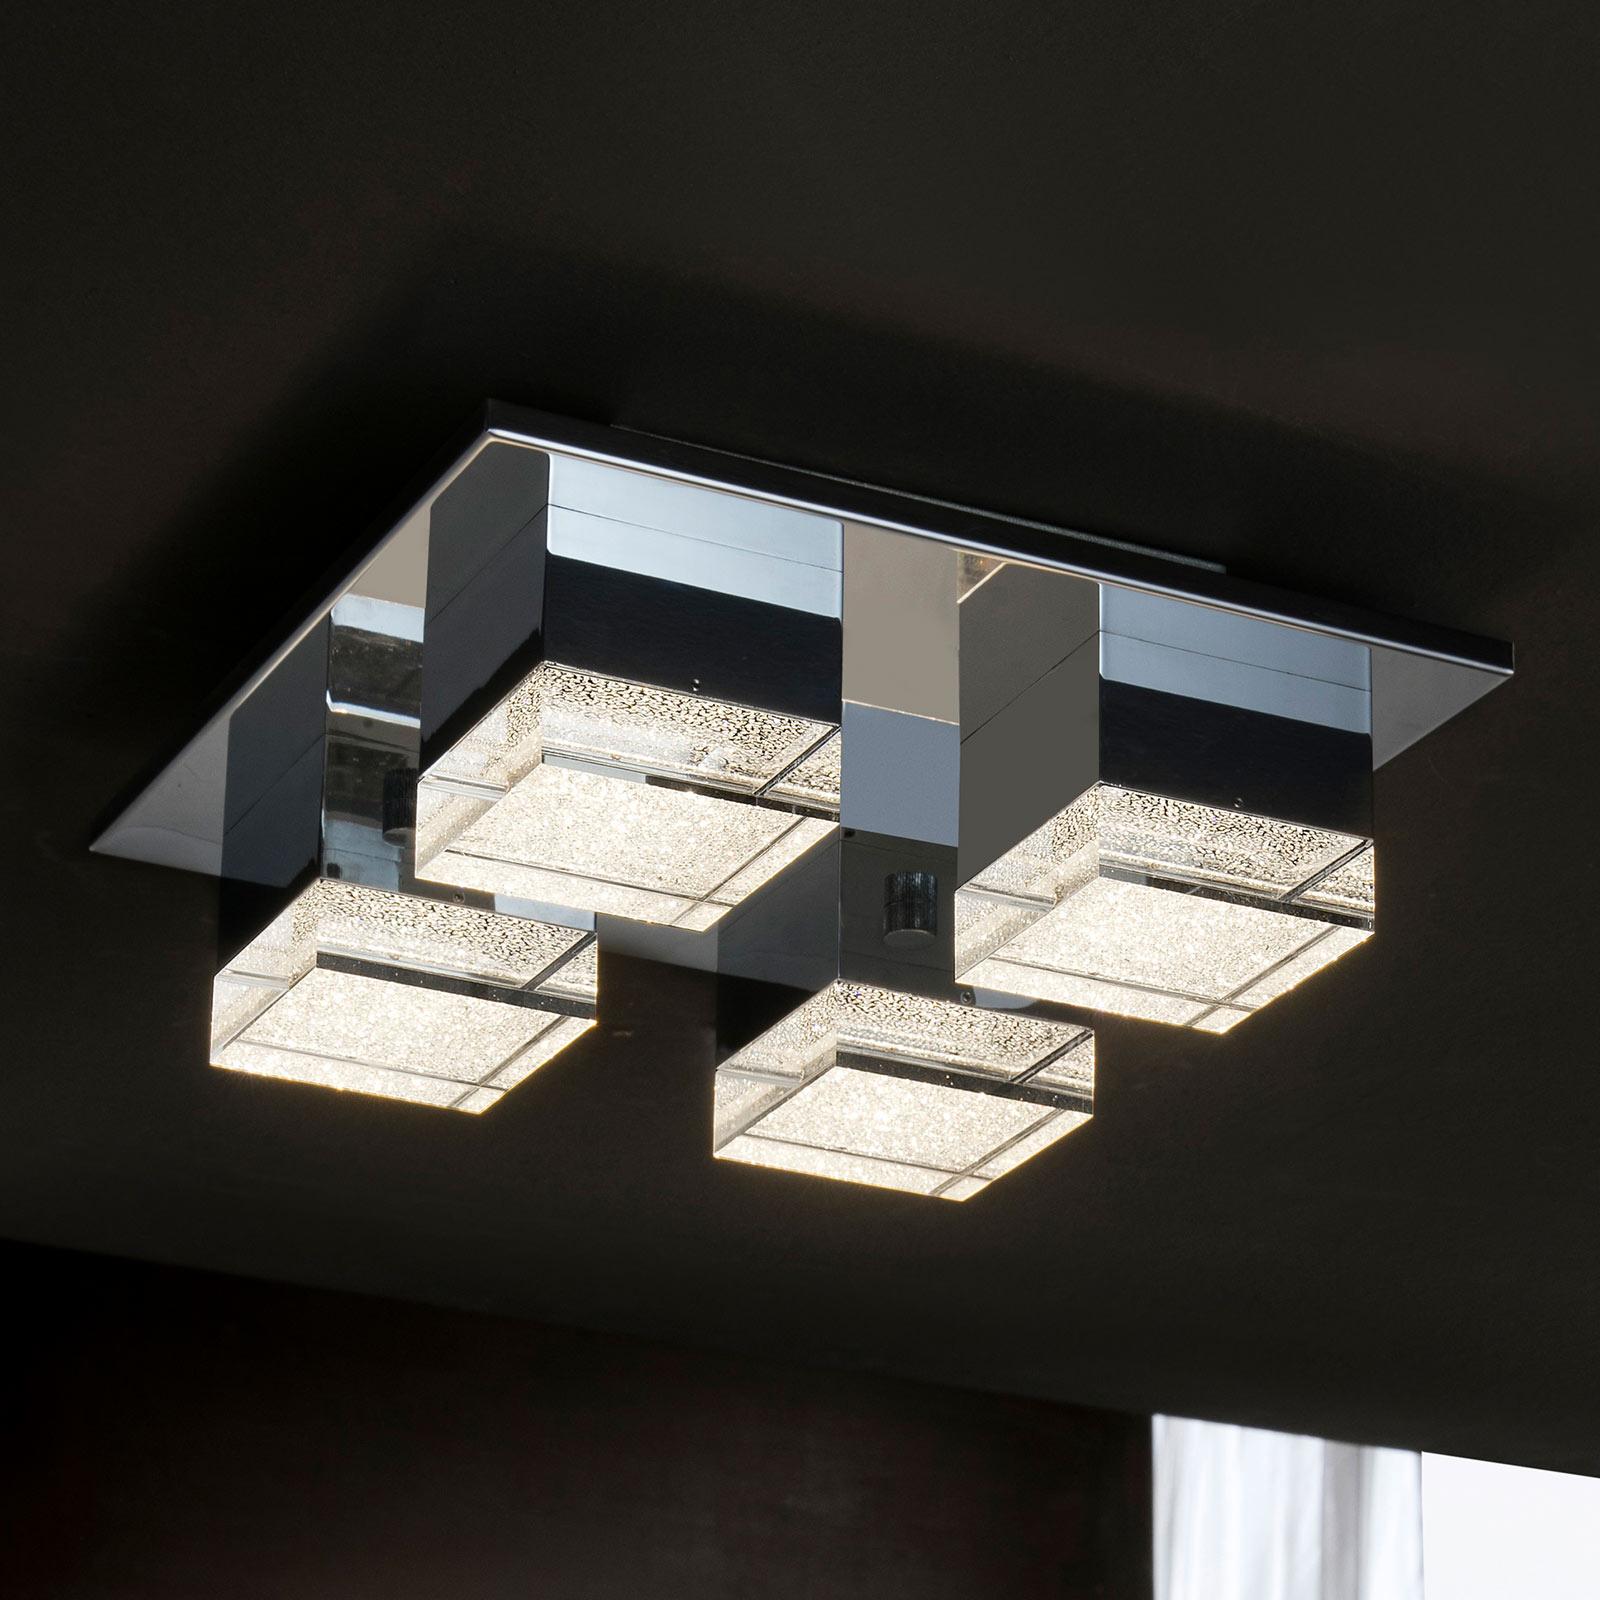 Lampa sufitowa LED Prisma, 4-punktowa